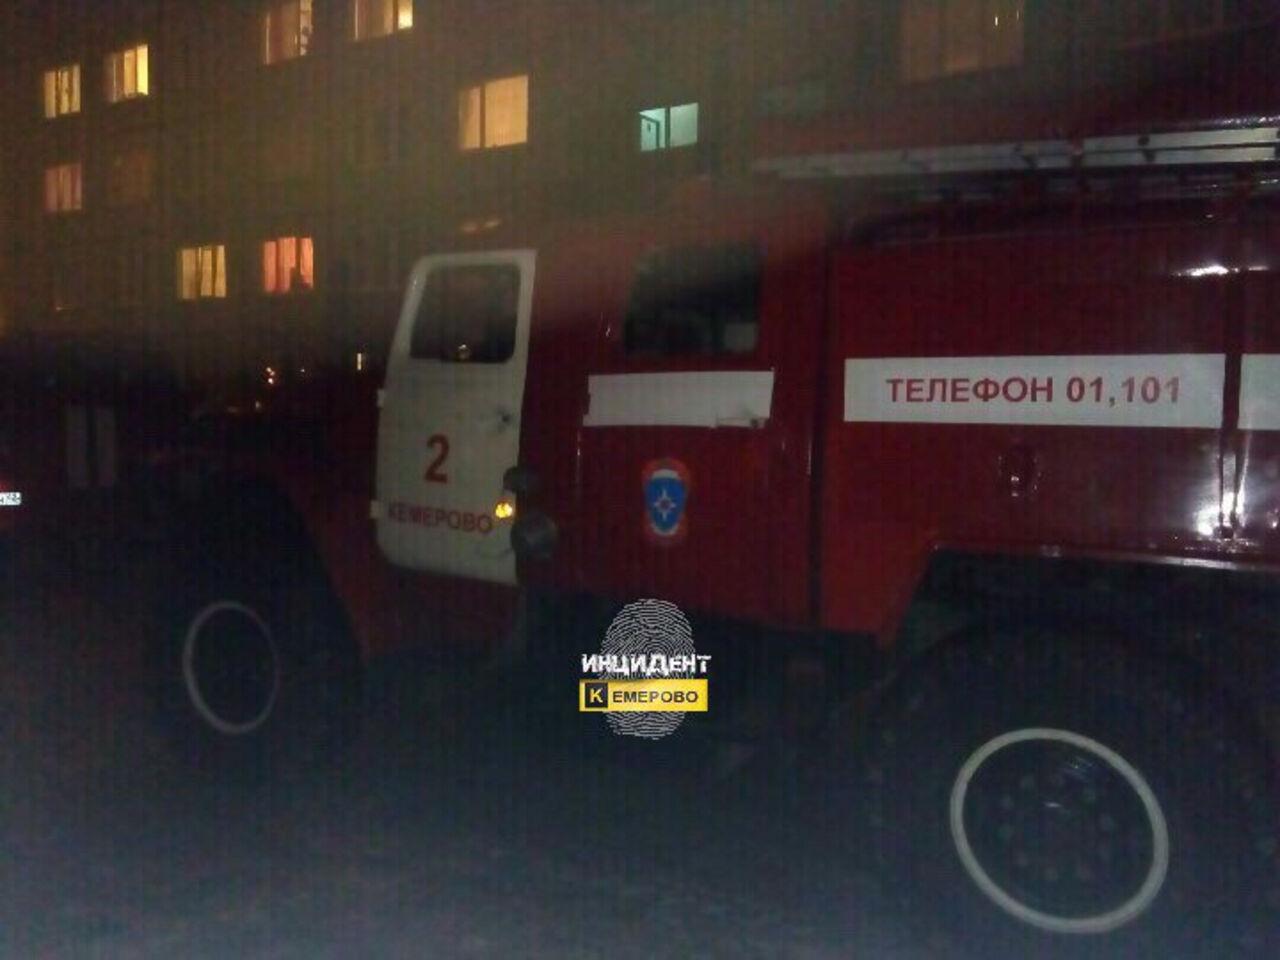 ВКемерове пожарные вывели 12 человек изгорящего дома